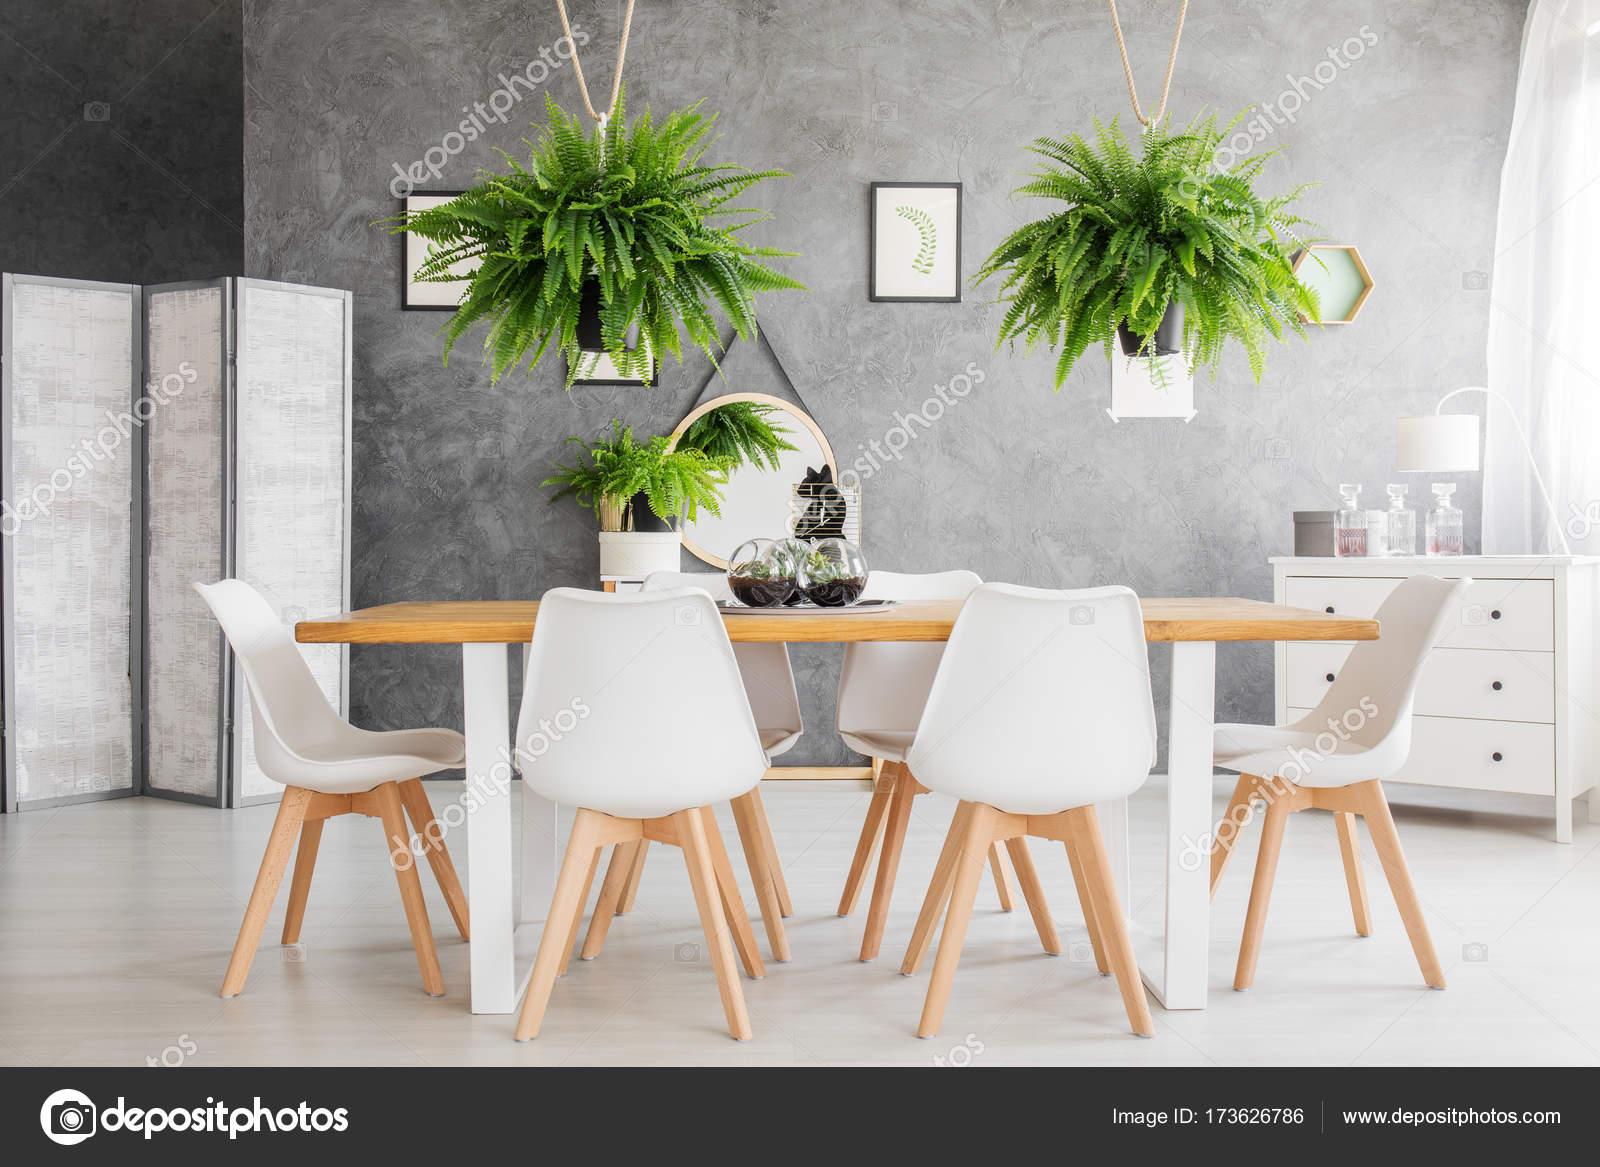 Gezellige eetkamer met varens — Stockfoto © photographee.eu #173626786